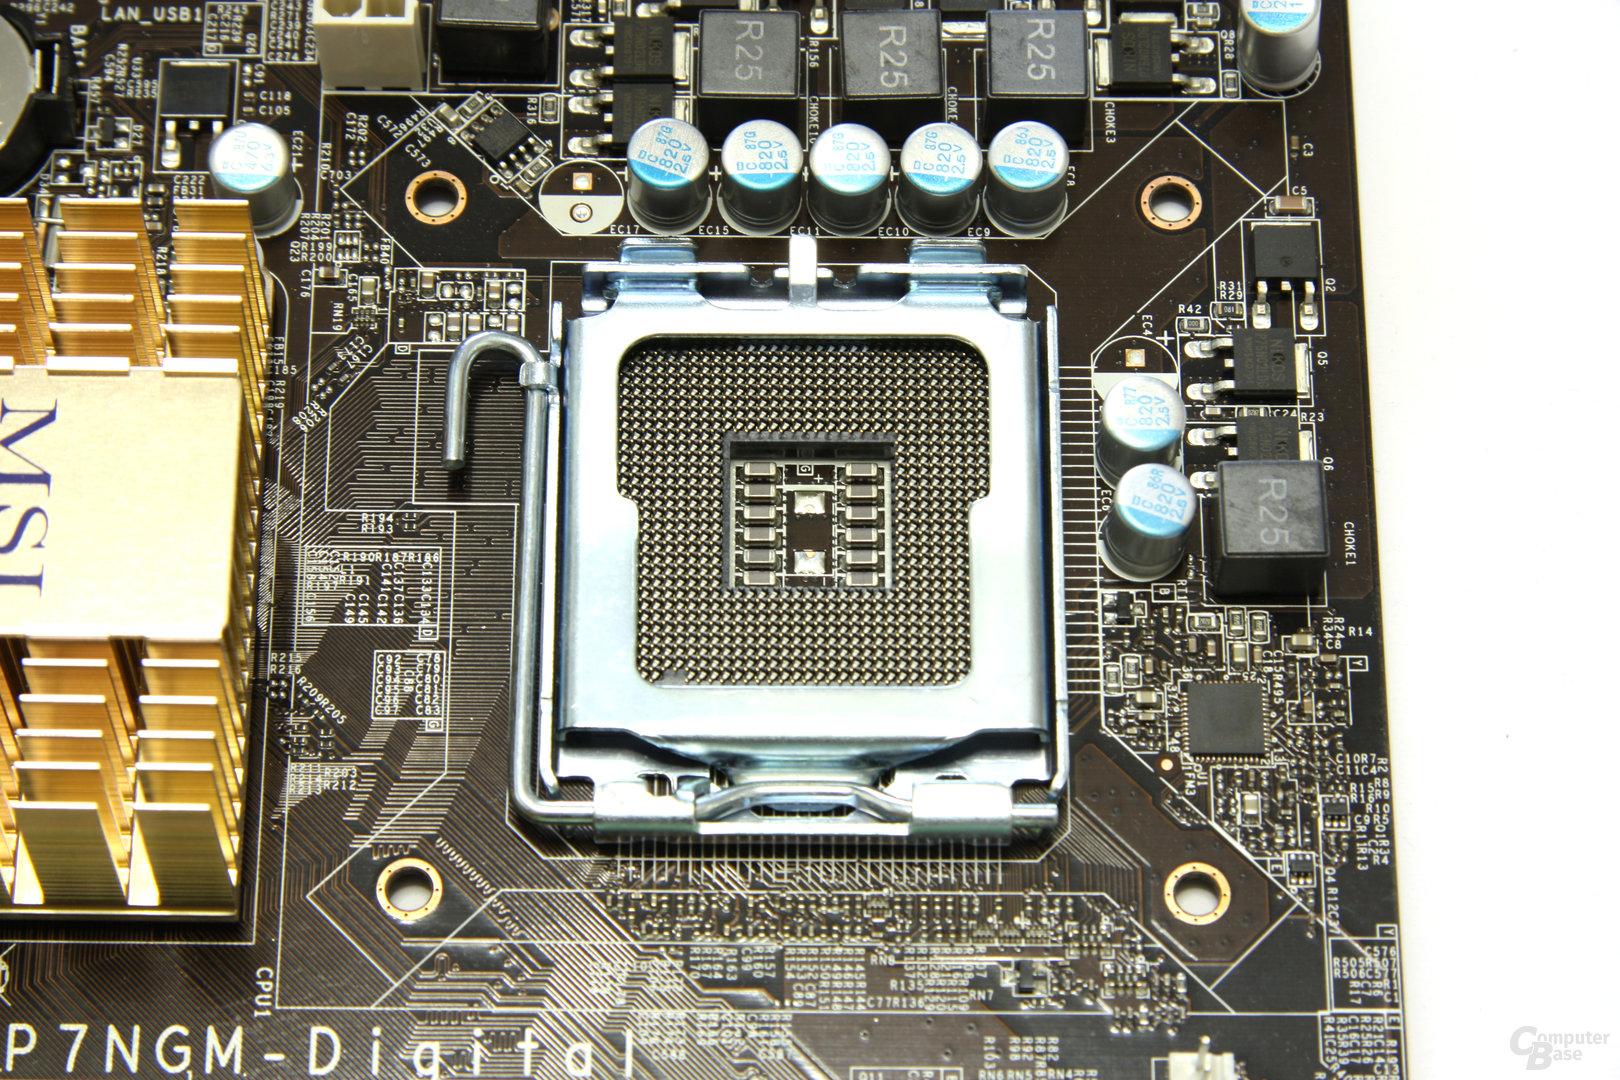 MSI P7NGM-Digital Sockel